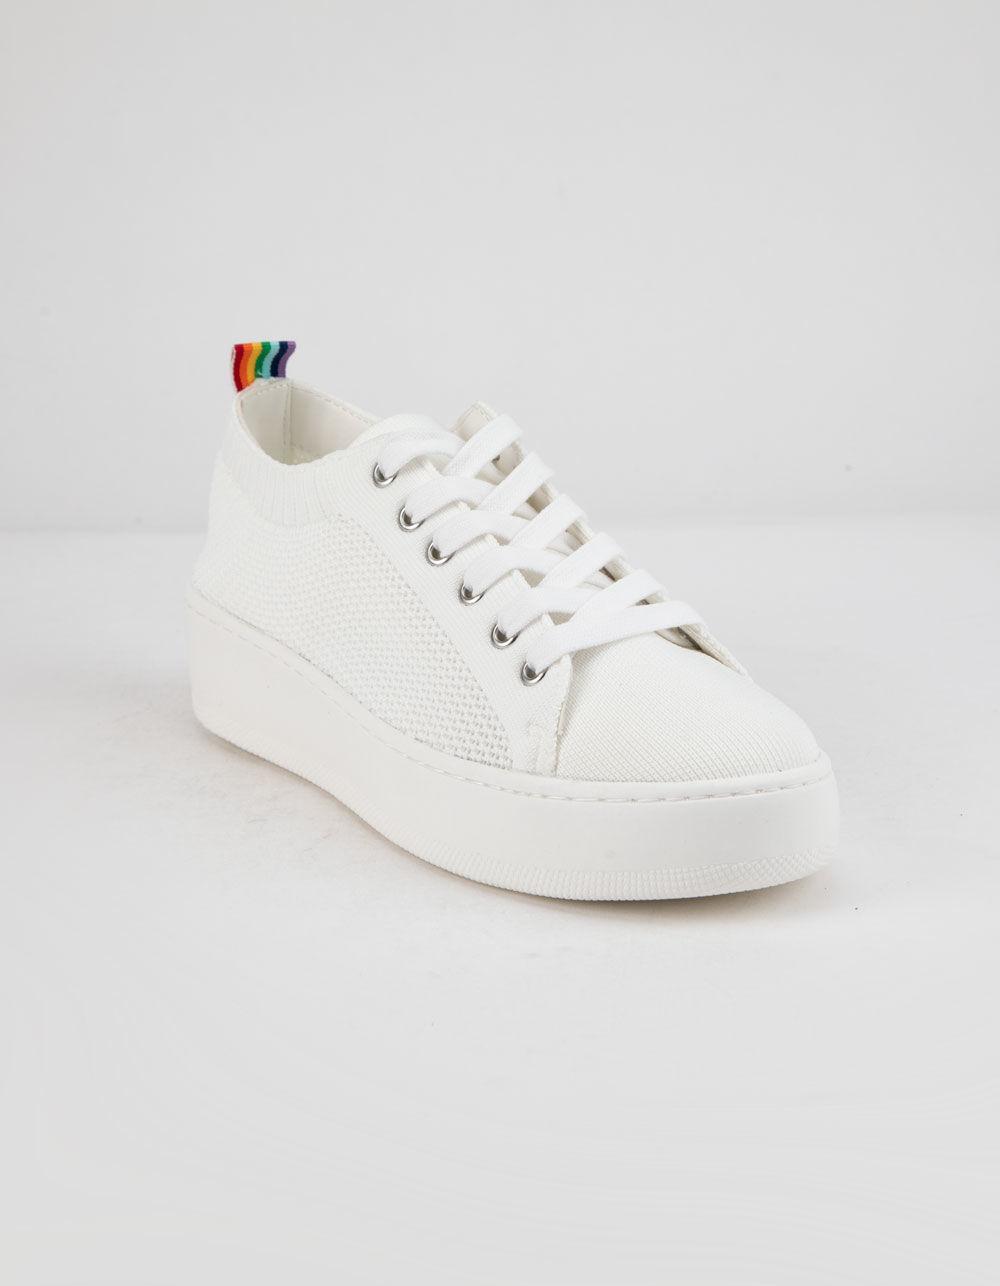 36619d7cc24 Lyst - Steve Madden Bardo White Womens Shoes in Black